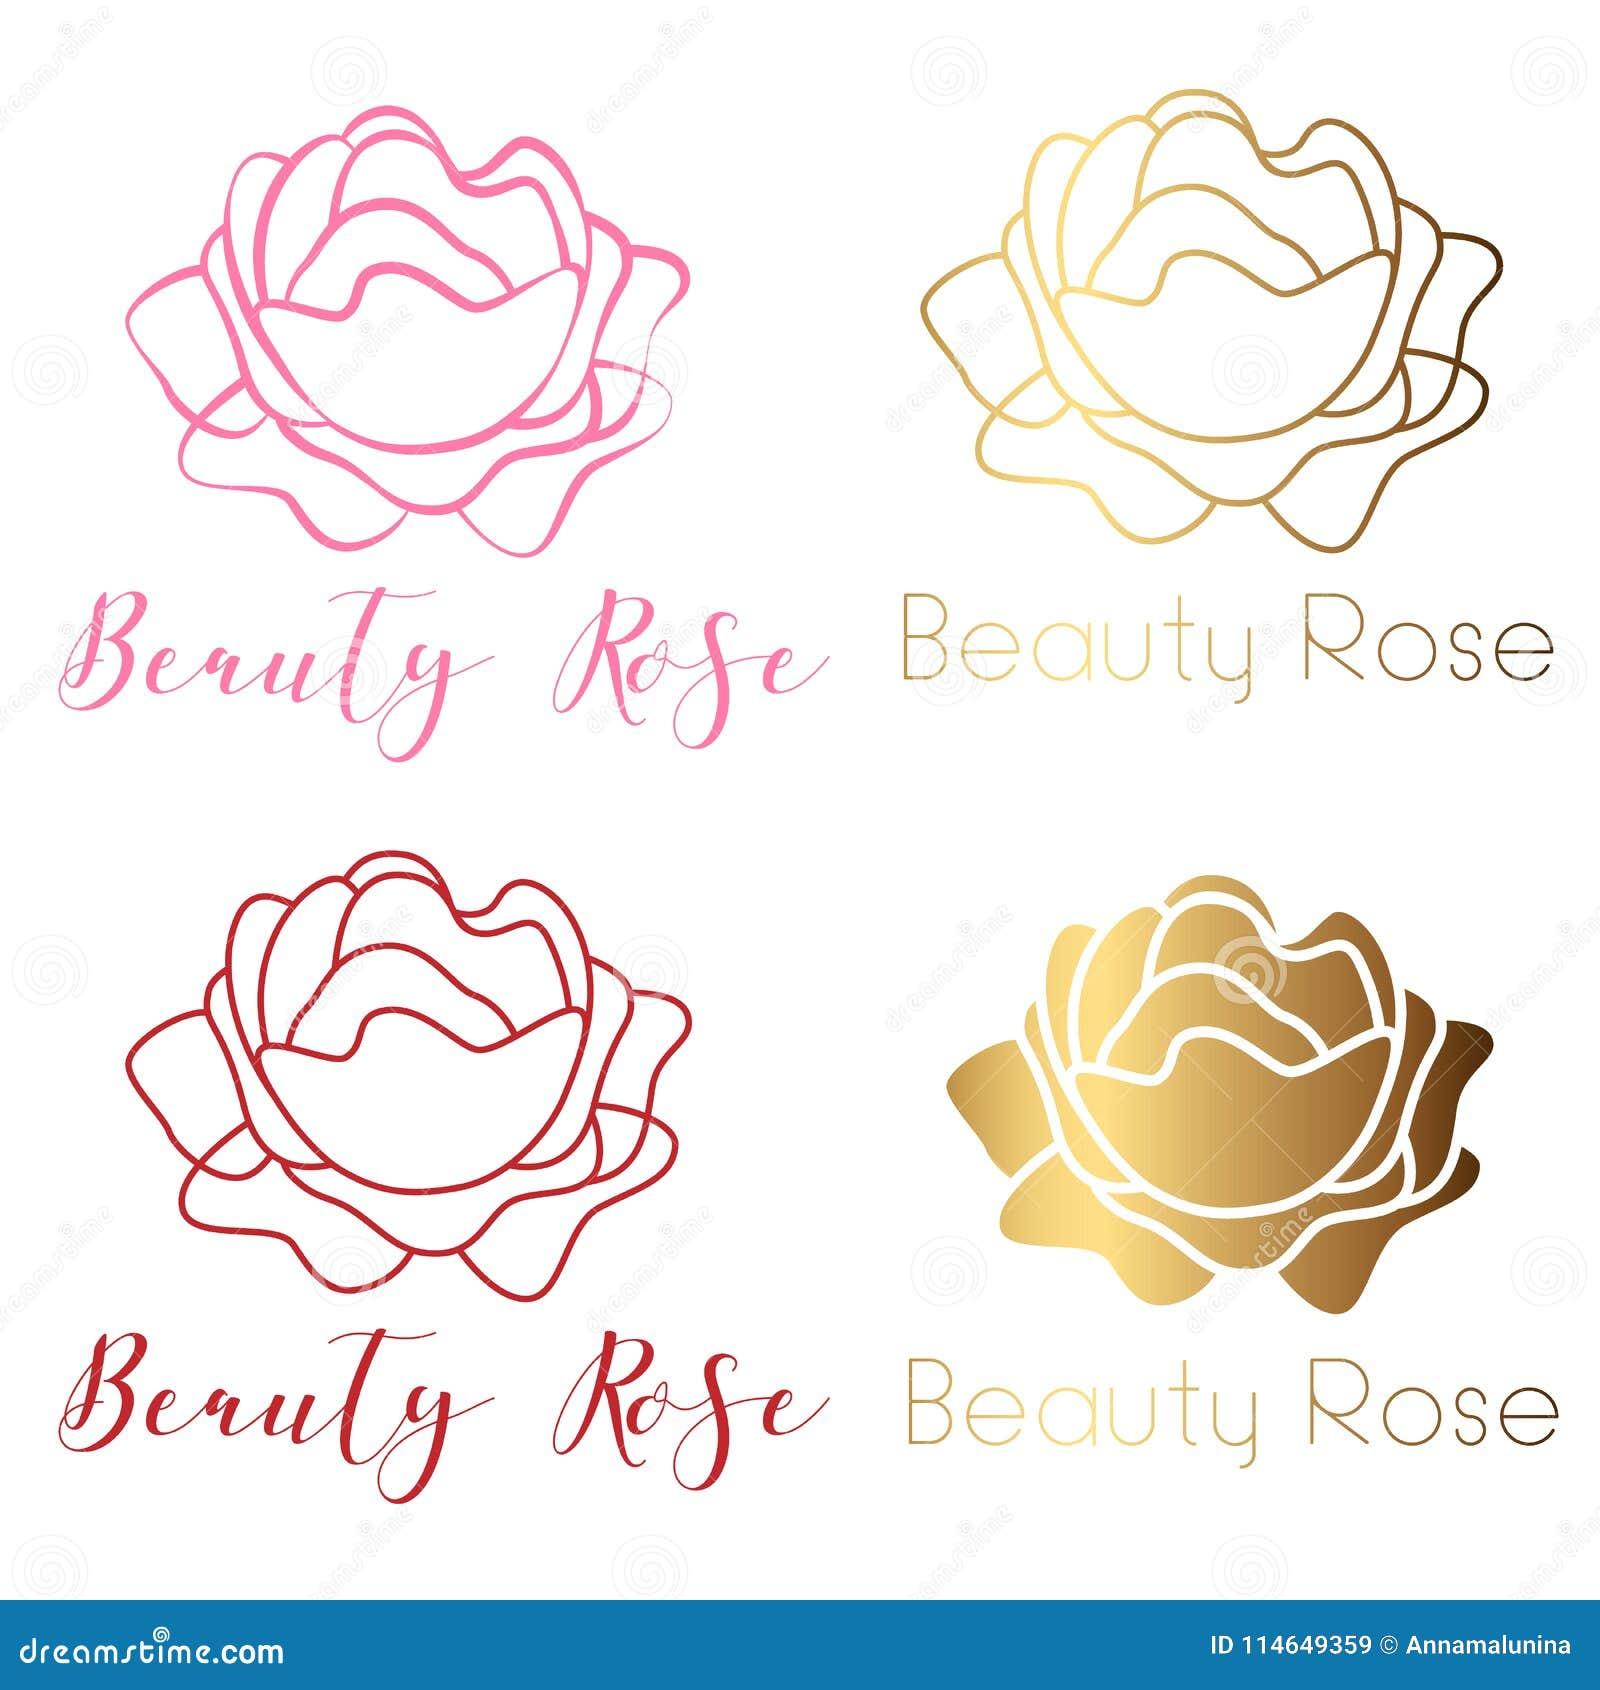 Beauty Rose Logo Sign Symbol For Beauty Salon Spa Salon Beauty